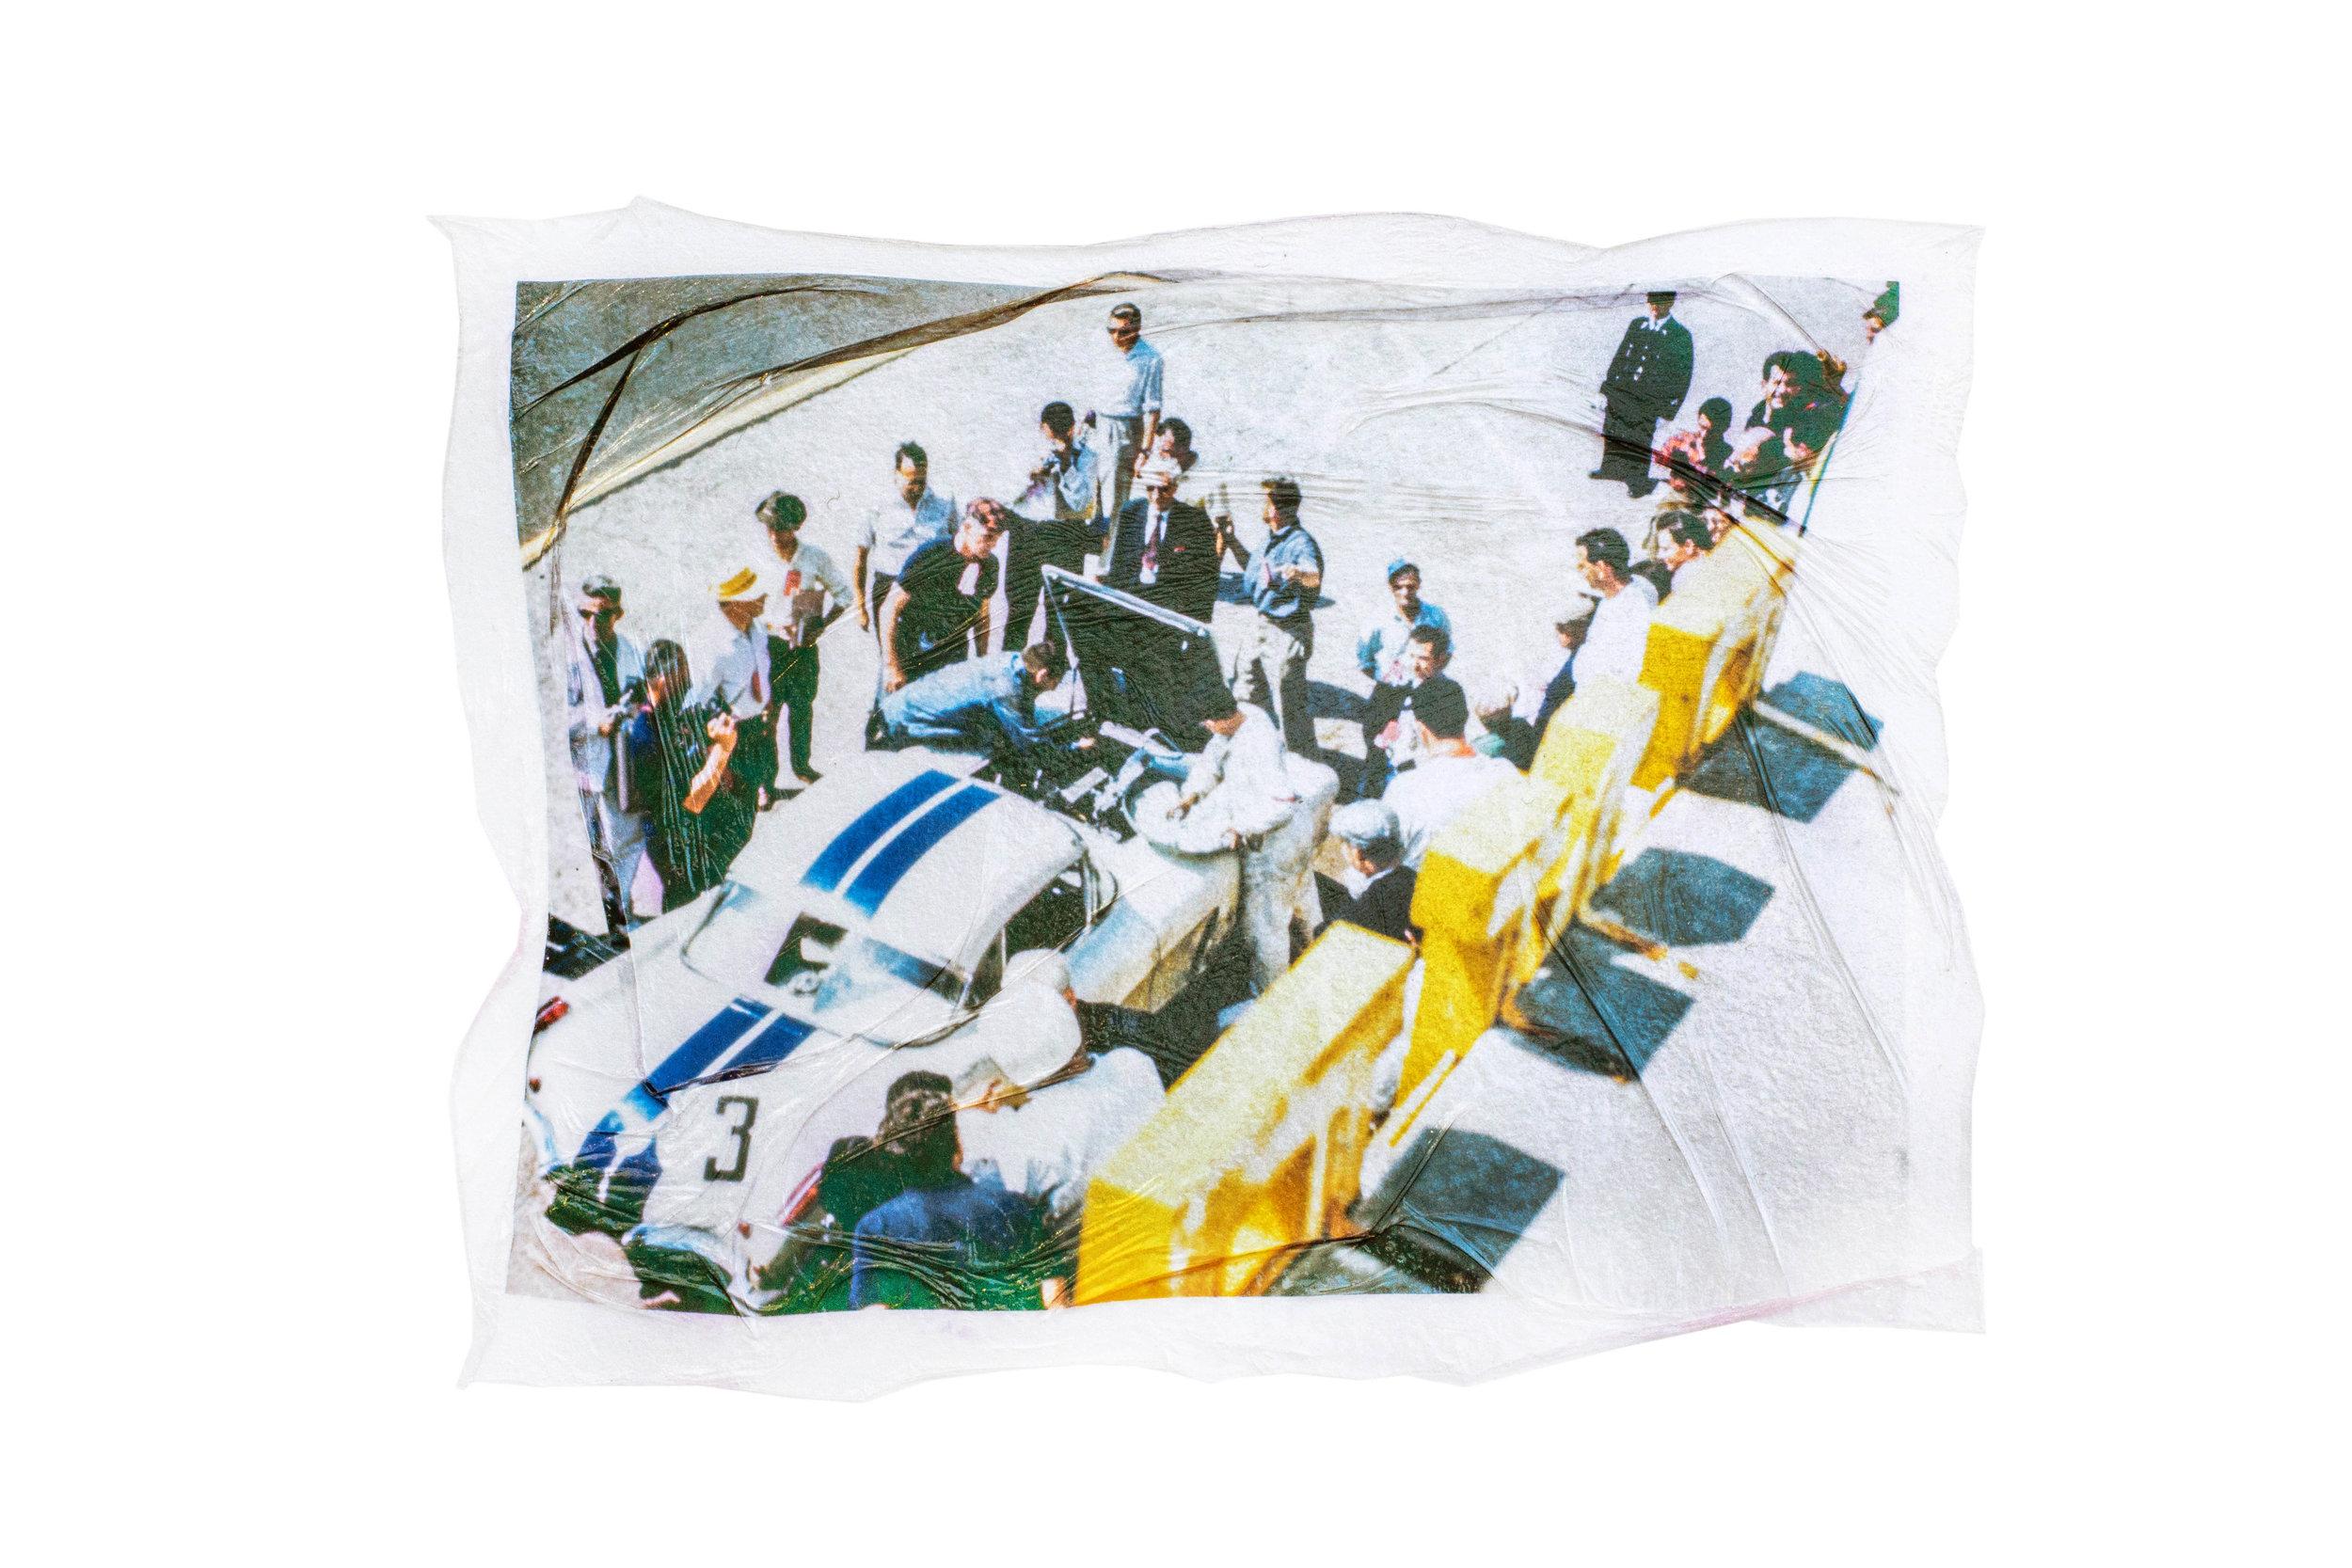 LE MANS  remainder / reminder  Jordan Hefler  Kodachrome Slide 1960 / Fujifilm Emulsion Lift 2014